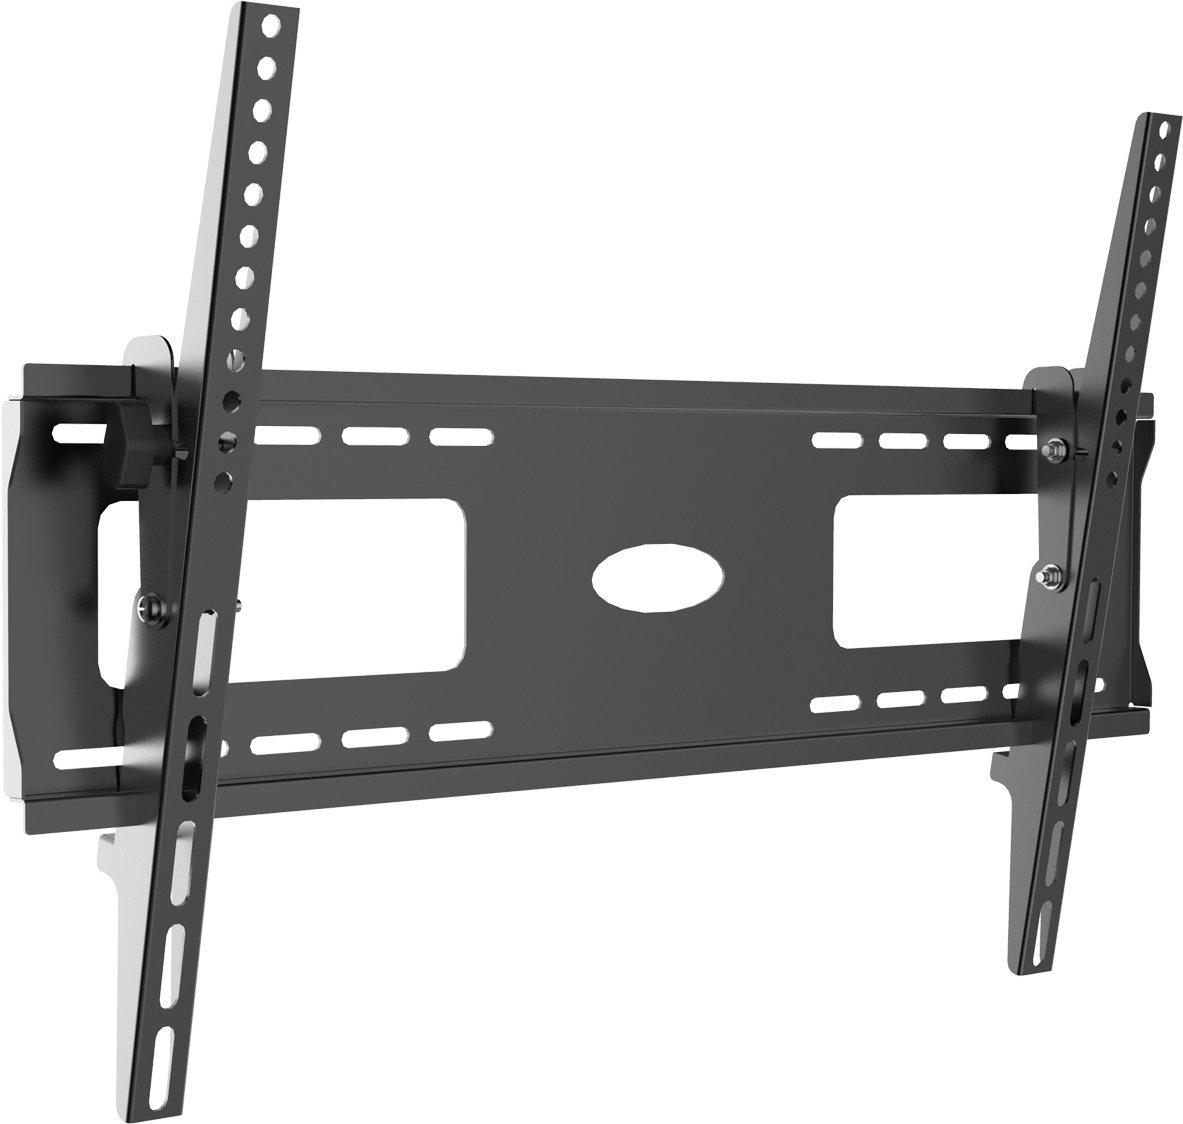 Stealth Mounts Tilting Tv Bracket For Up To 70 Tvs Main Image